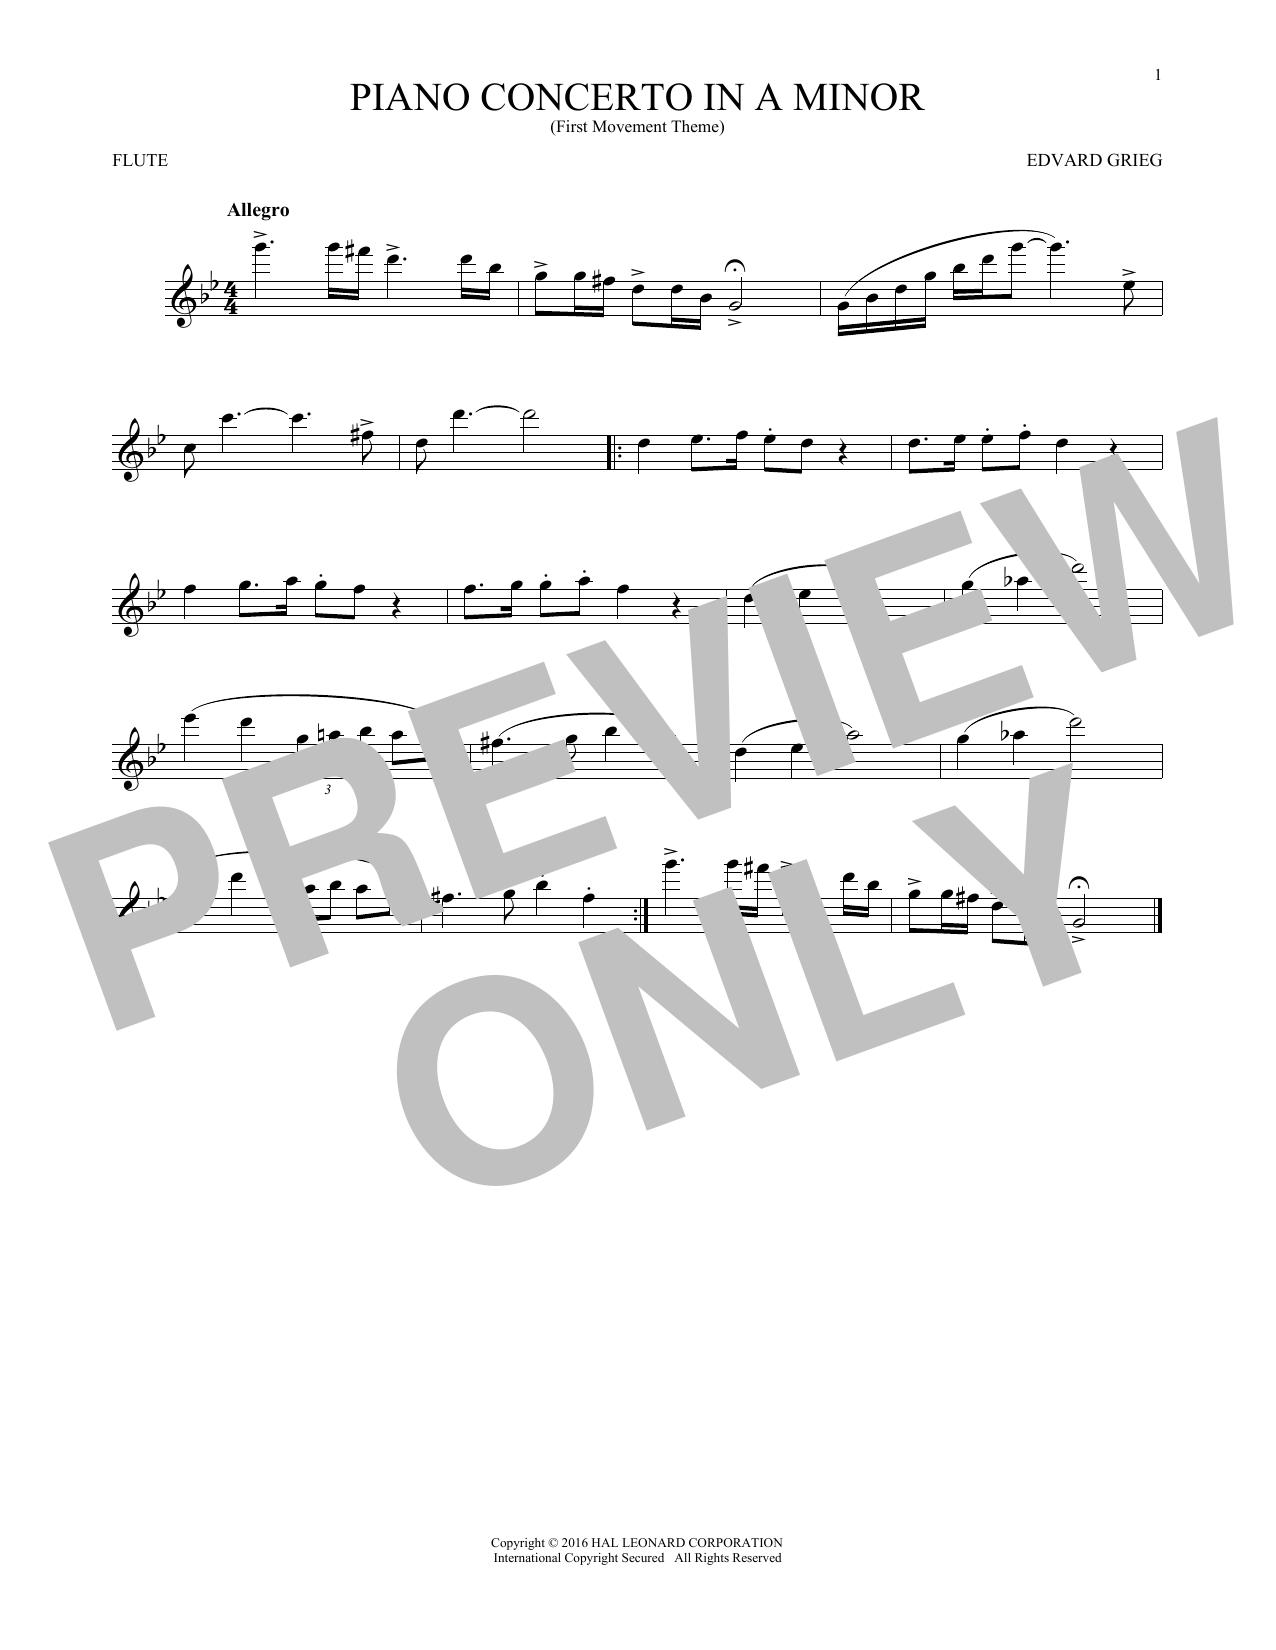 Piano Concerto In A Minor, Op. 16 (Flute Solo)